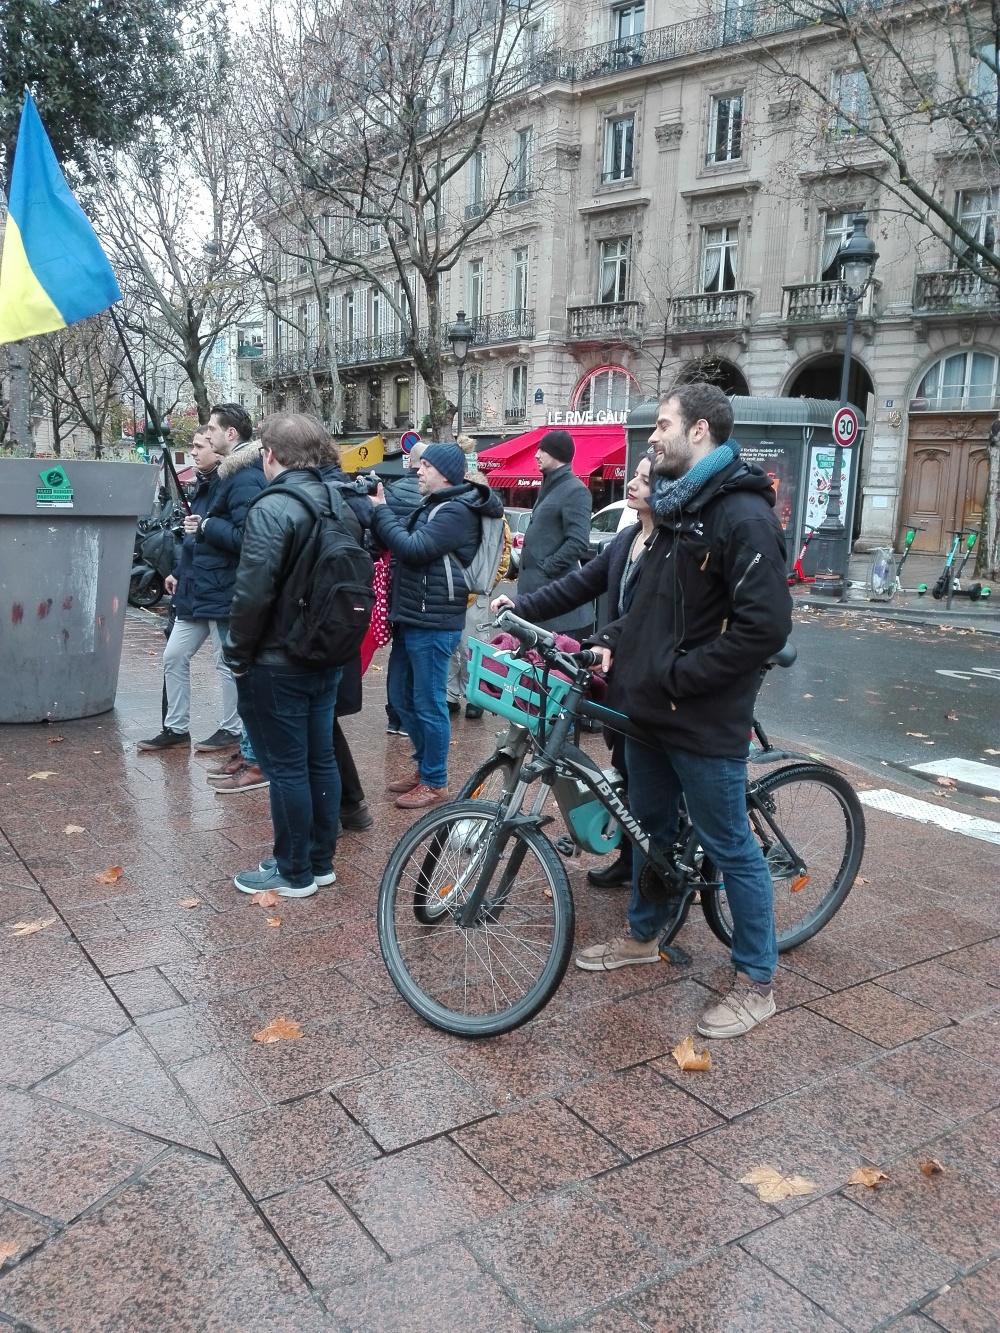 Французькі перехожі знайомляться з Україною та російським агресором  Акція на підтримку України напередодні саміту «Нормандії» Париж 8 грудня 2019